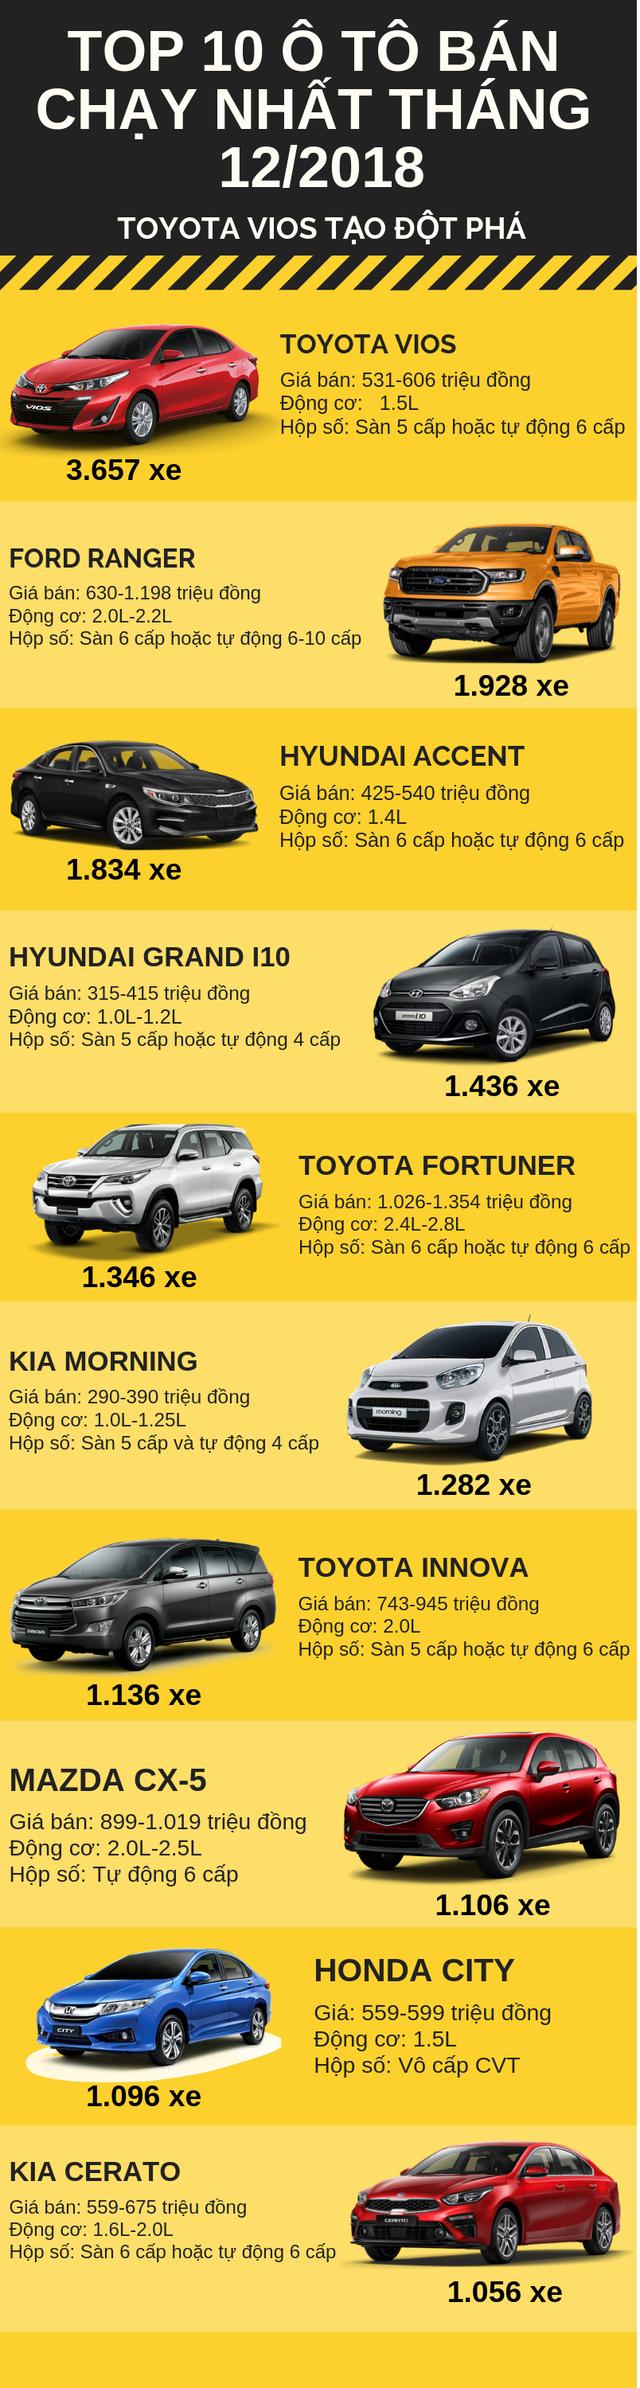 Top 10 ô tô bán chạy nhất tháng 12/2018: Toyota Vios tạo bước đột phá - Ảnh 1.